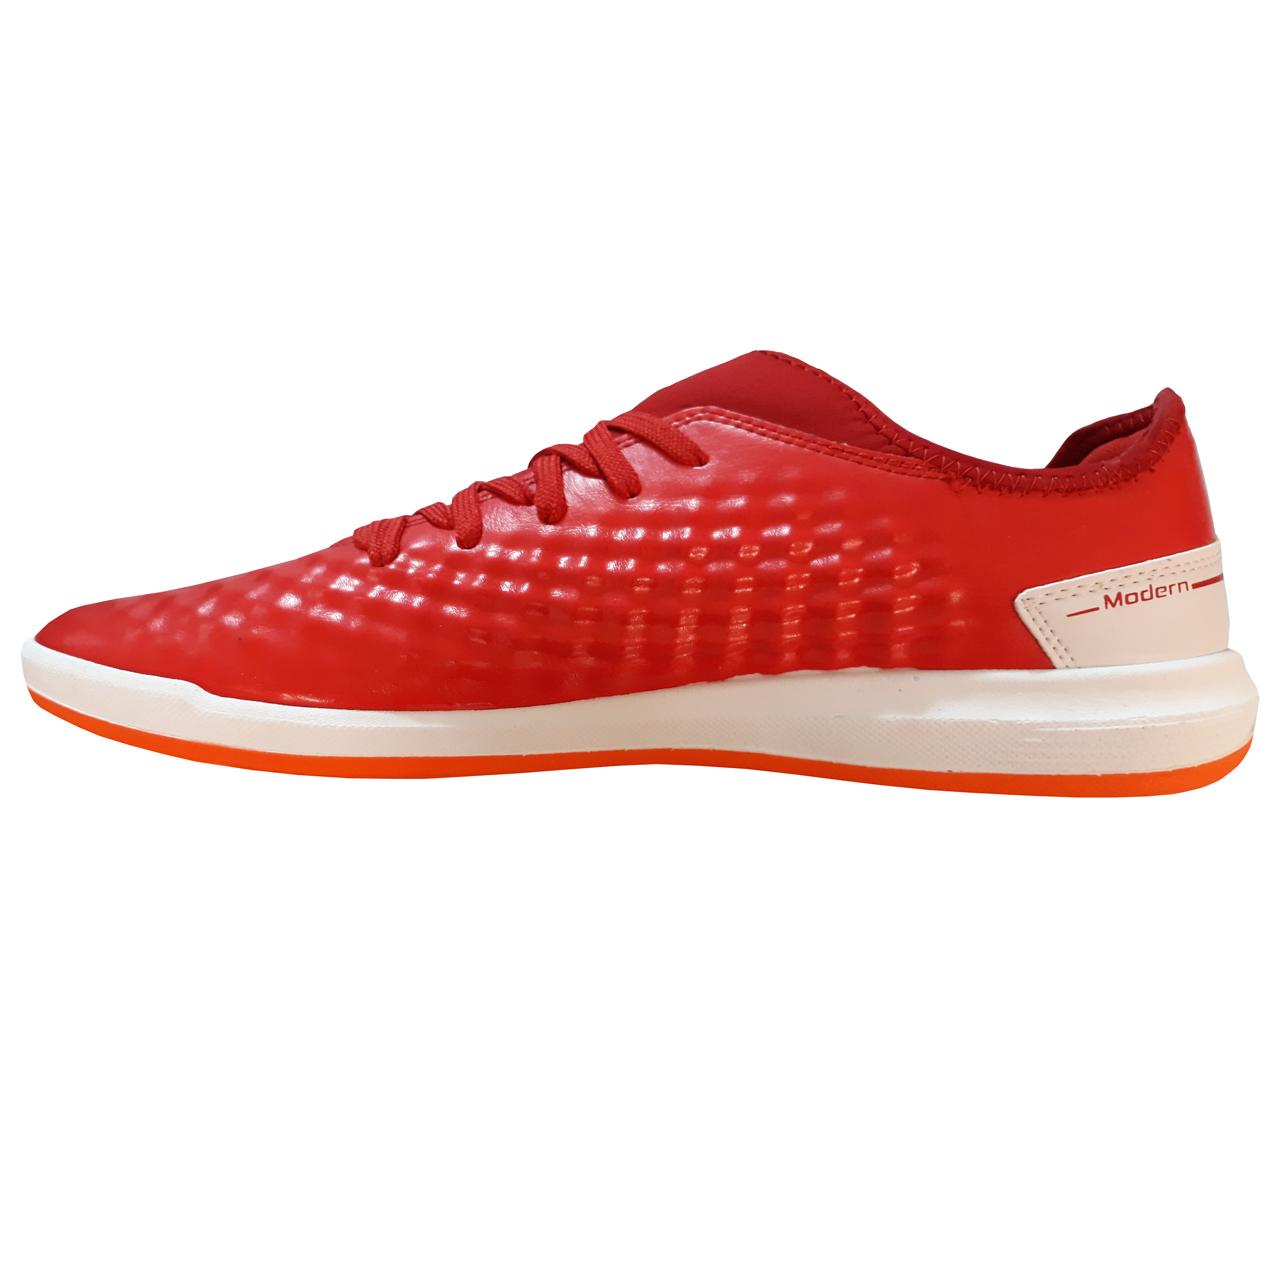 کفش فوتسال مردانه مدرن مدل M5